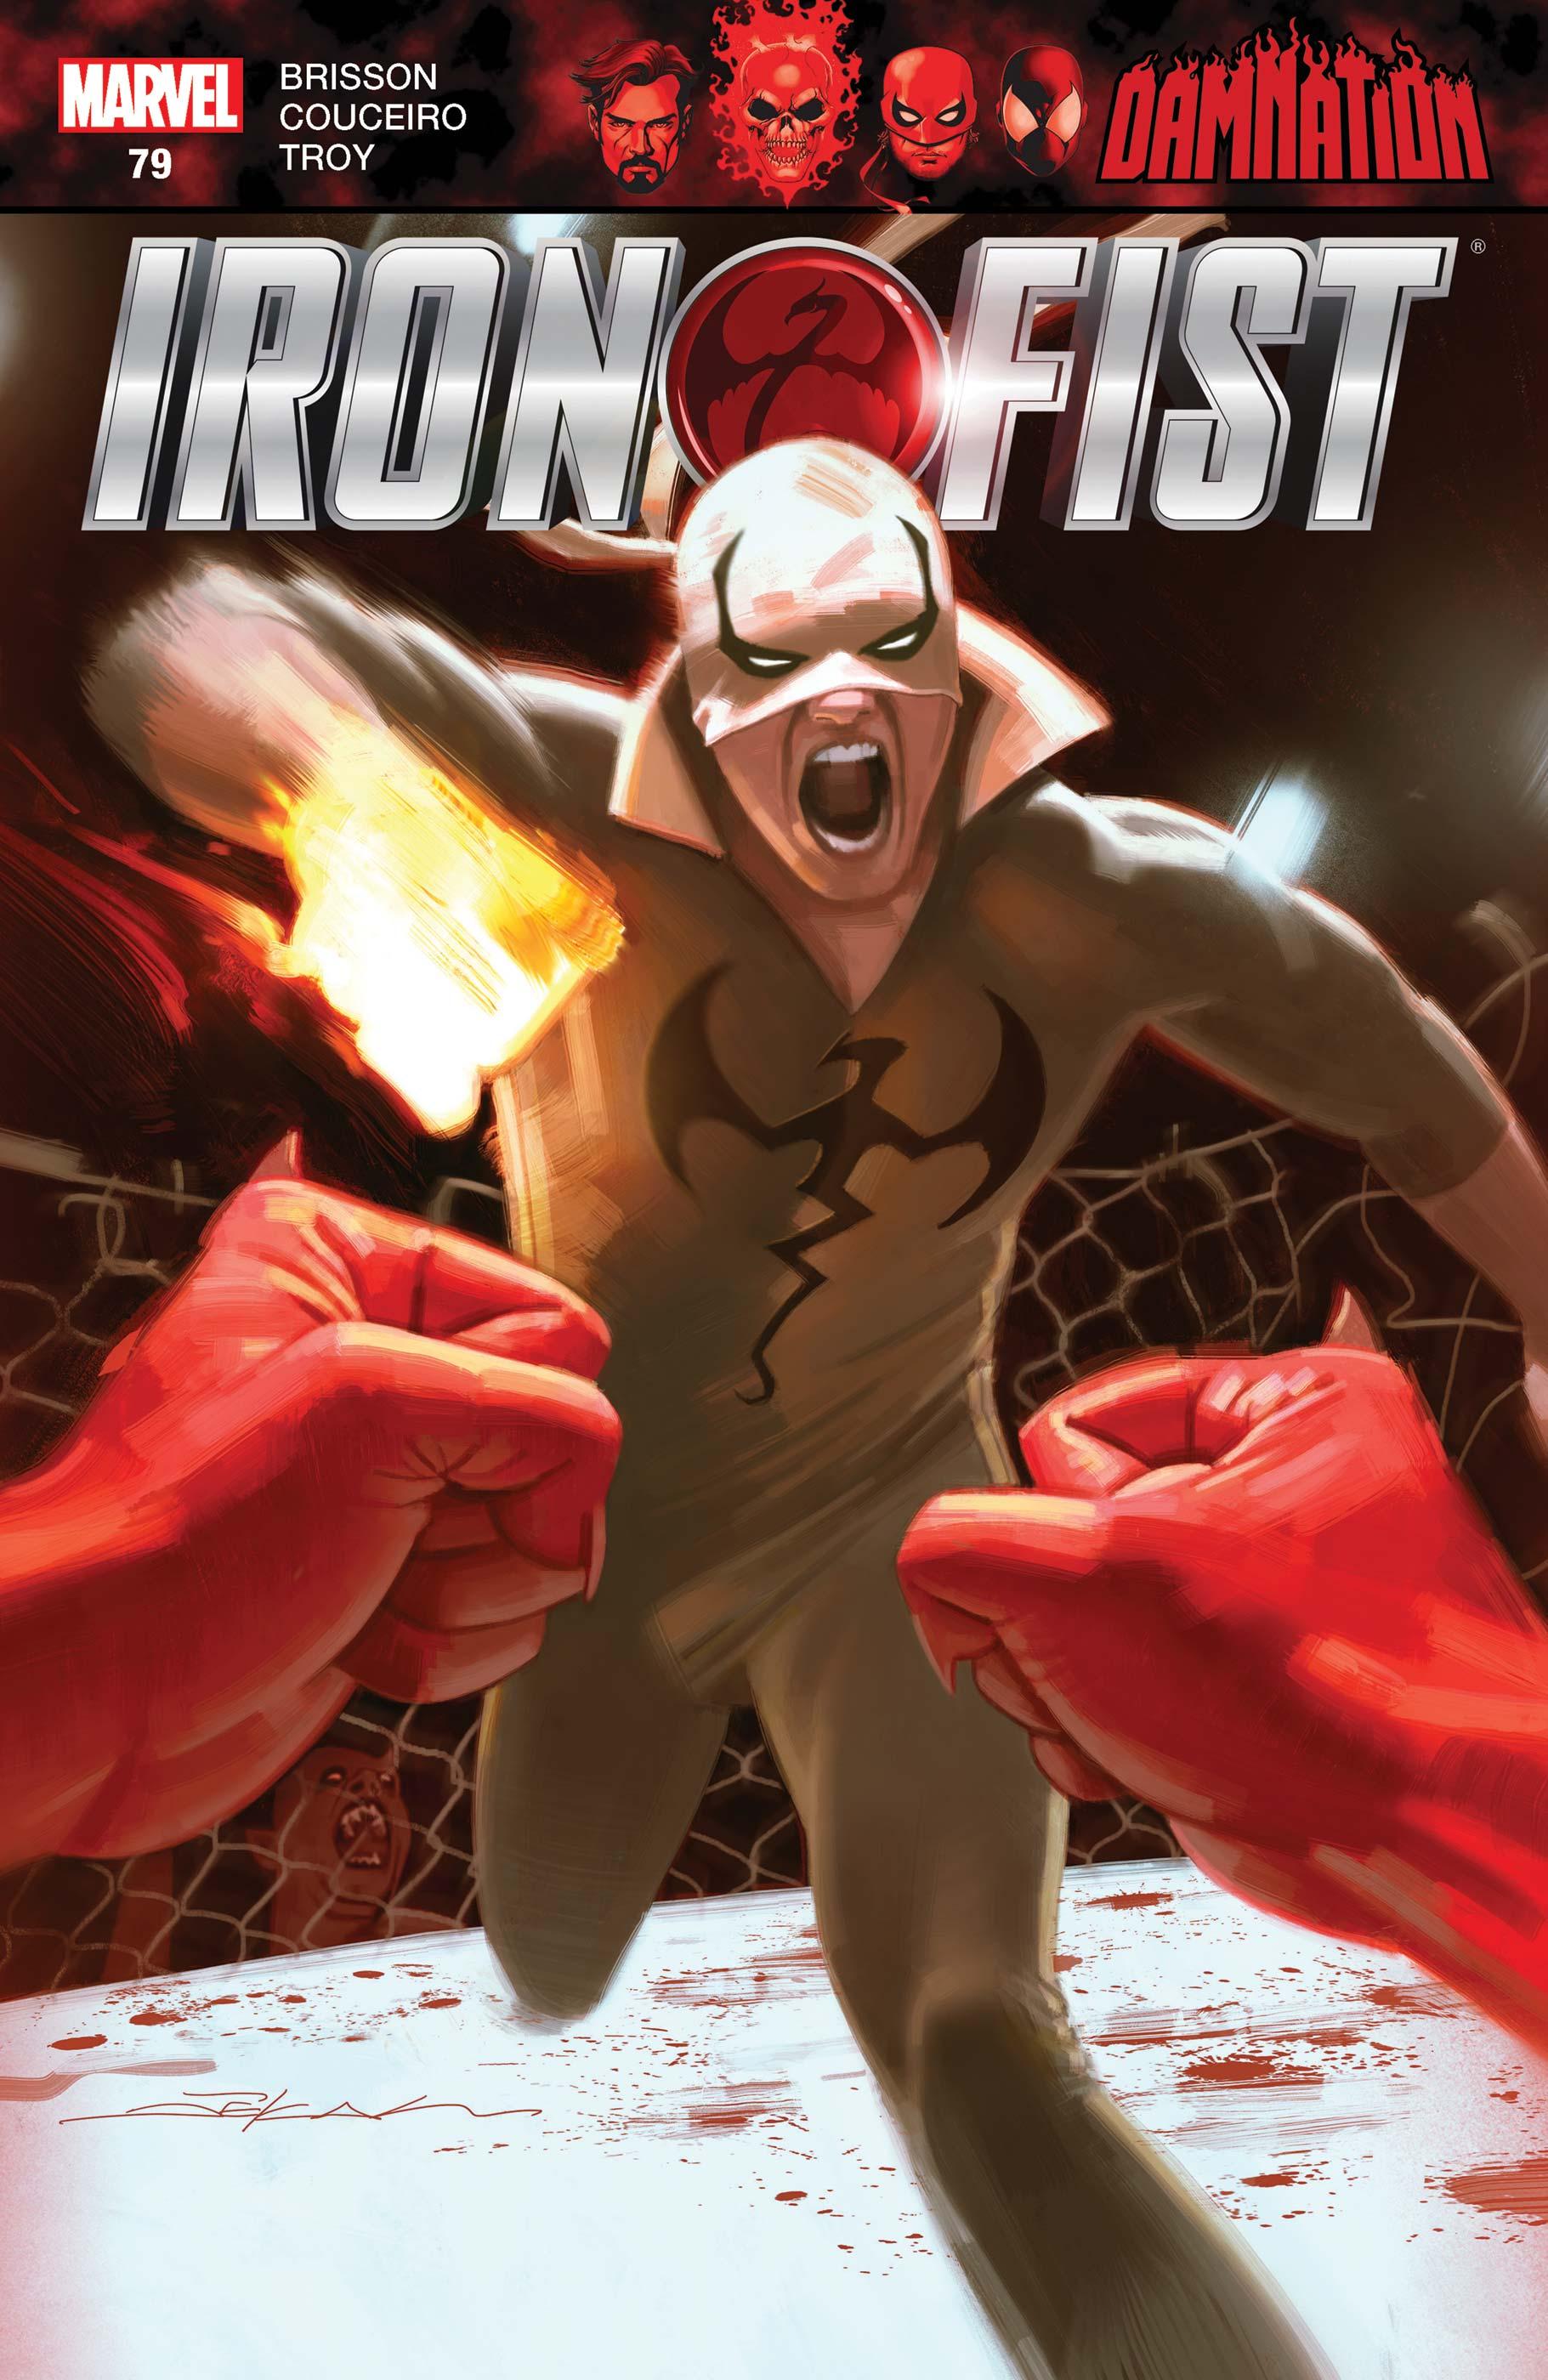 Iron Fist (2017) #79